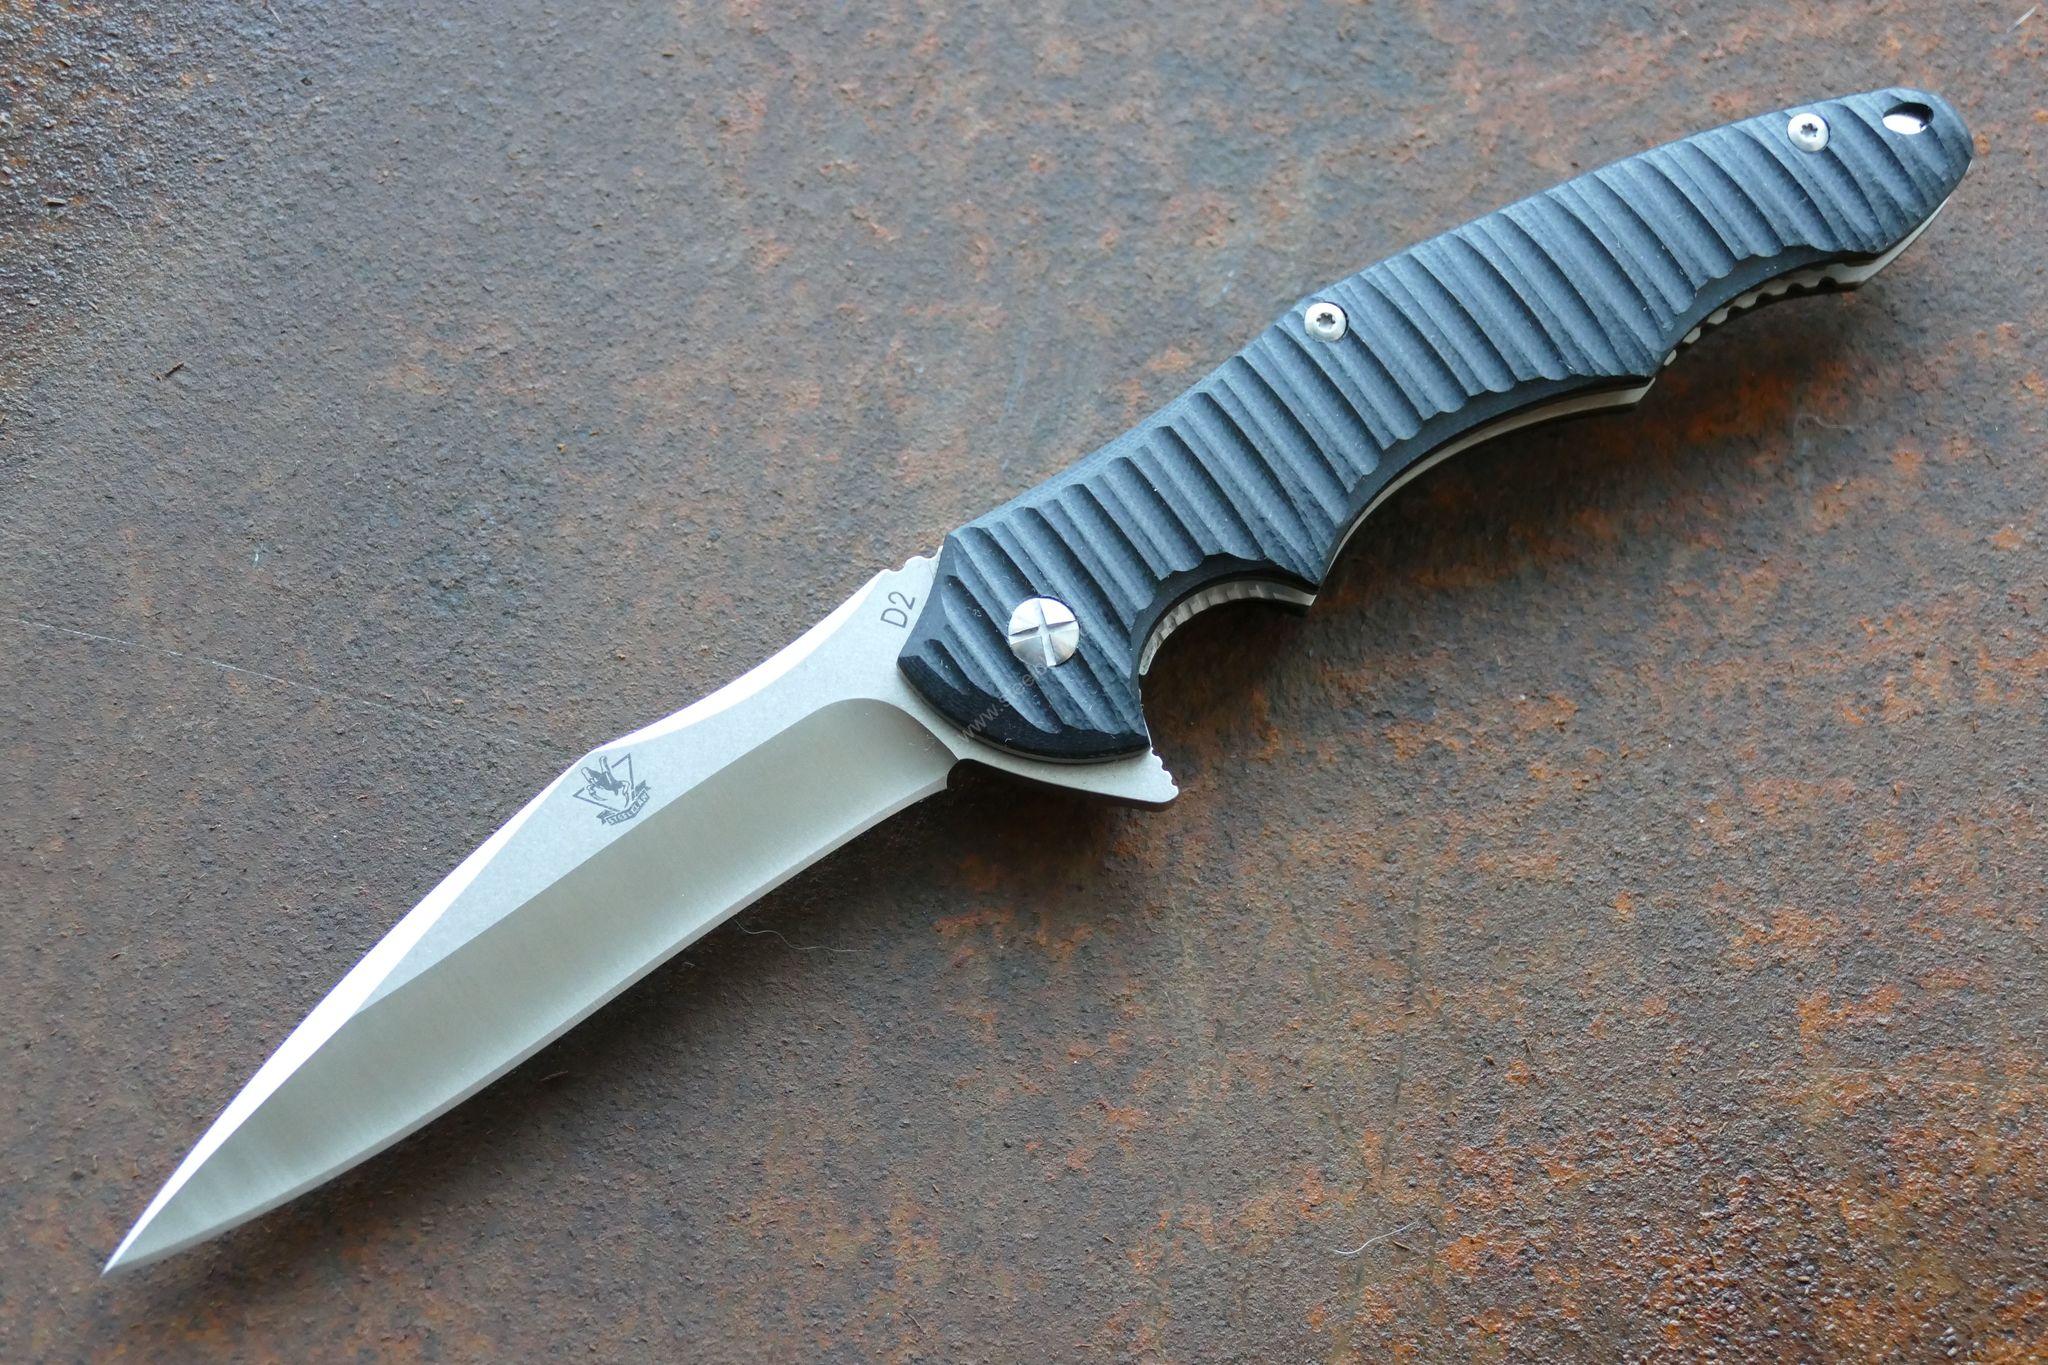 Складной нож Ракшас, D2Раскладные ножи<br>марка стали :D2твердость:59-61 HRCдлина общая:252ммдлина клинка:110ммтолщина обуха:4ммвес: 170 гртип замка:liner lockмеханизм открытия: IKBS<br>